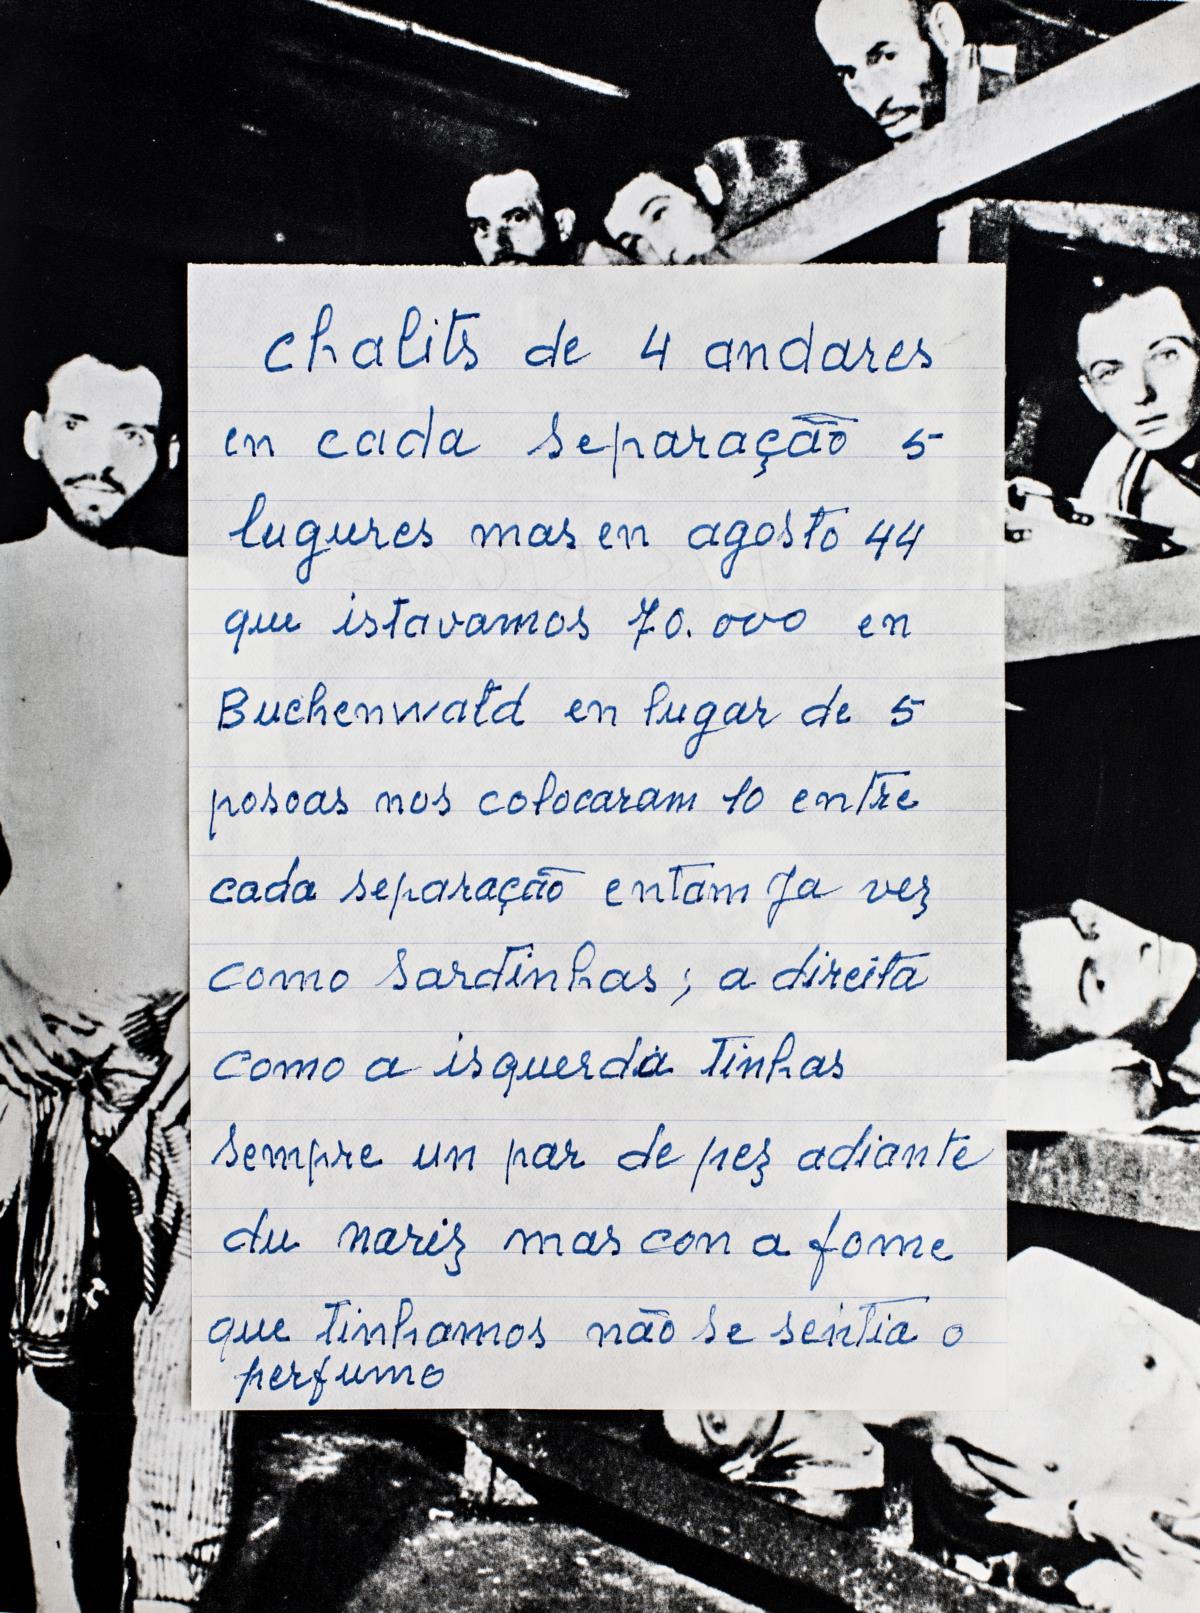 Em cima da fotografia do campo de concentração de Buchenwald - Documentos manuscritos por Luiz Ferreira, português que esteve neste campo de concentração, sobre condições nos campos.